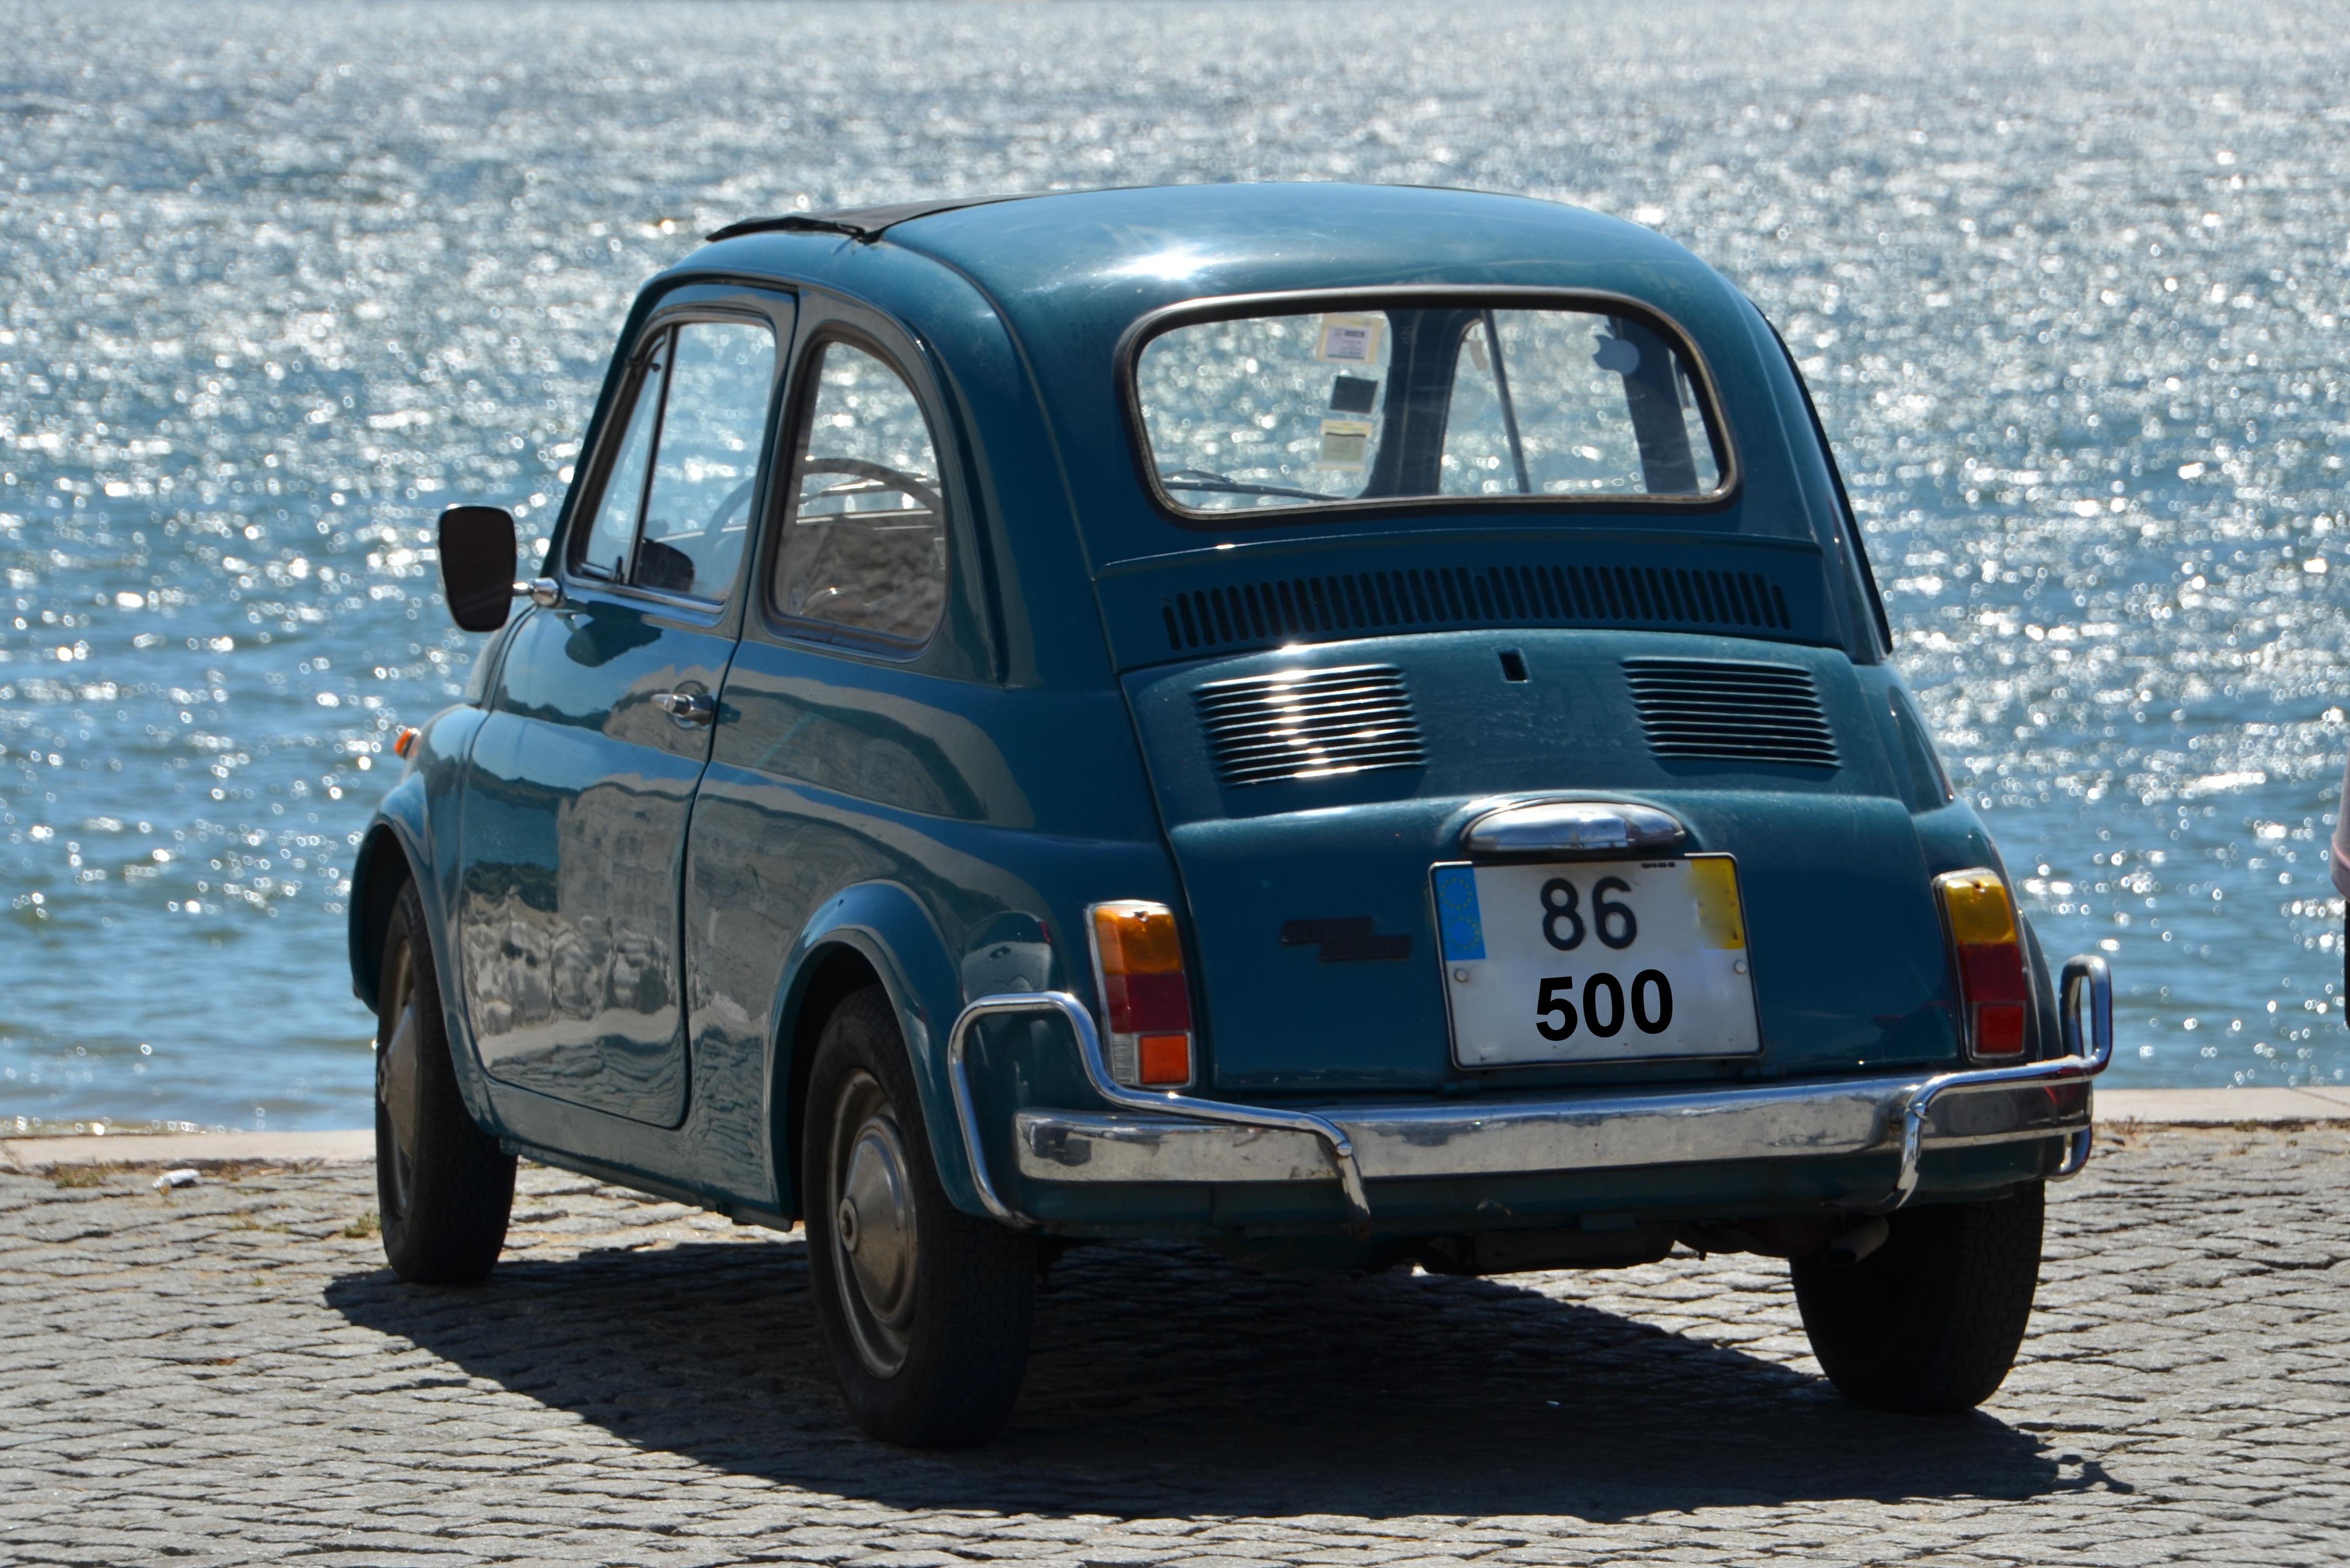 immagini belle retr vecchio veicolo italia nostalgia blu vecchia macchina settore. Black Bedroom Furniture Sets. Home Design Ideas